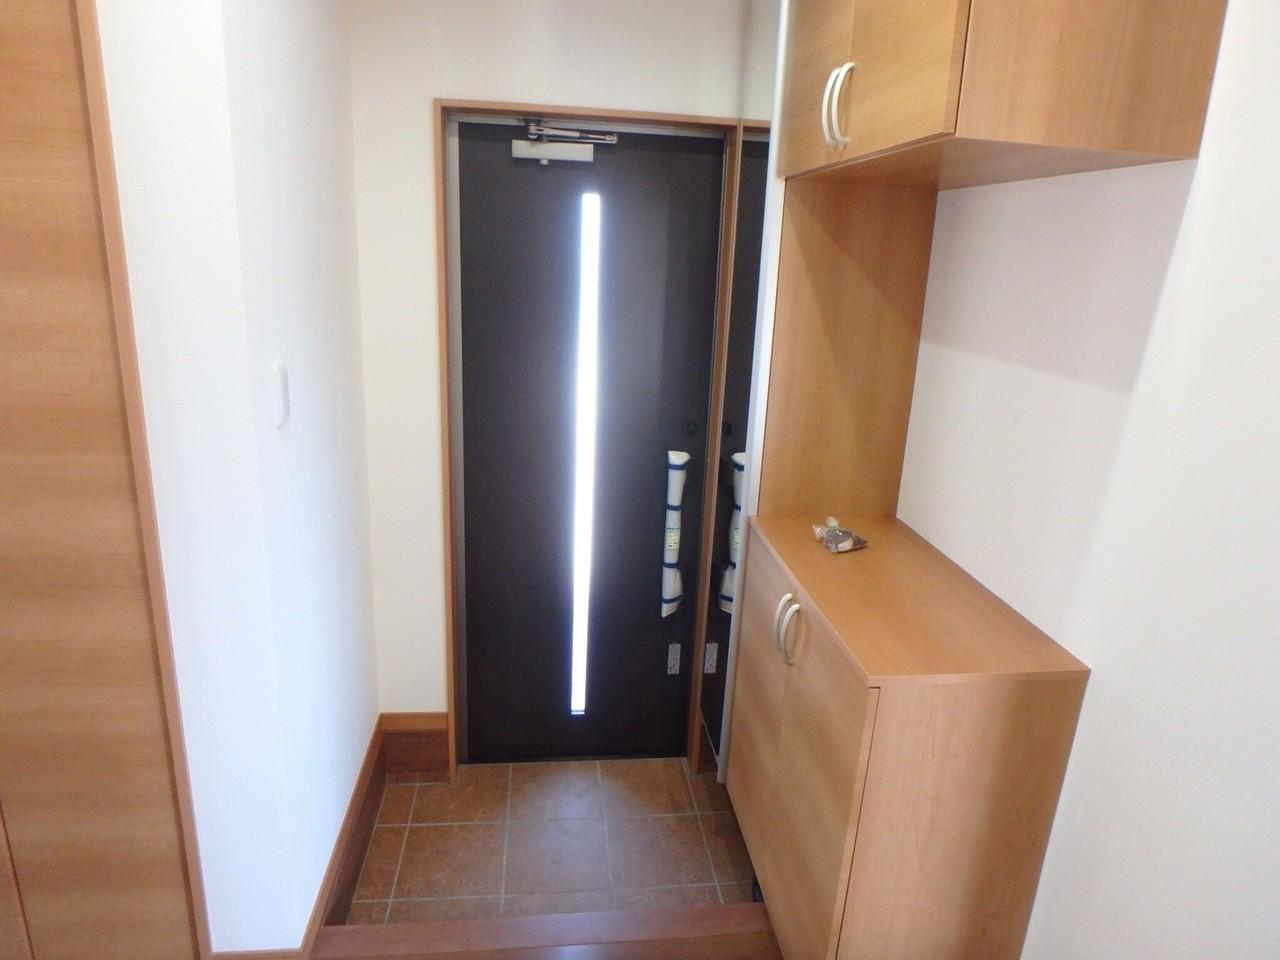 天井まである大容量のシューズボックスは、ご家族の多い方には嬉しいですね。 全身鏡(姿見)も兼ね備えているので、家を出る前の身だしなみチェックもできちゃいます!